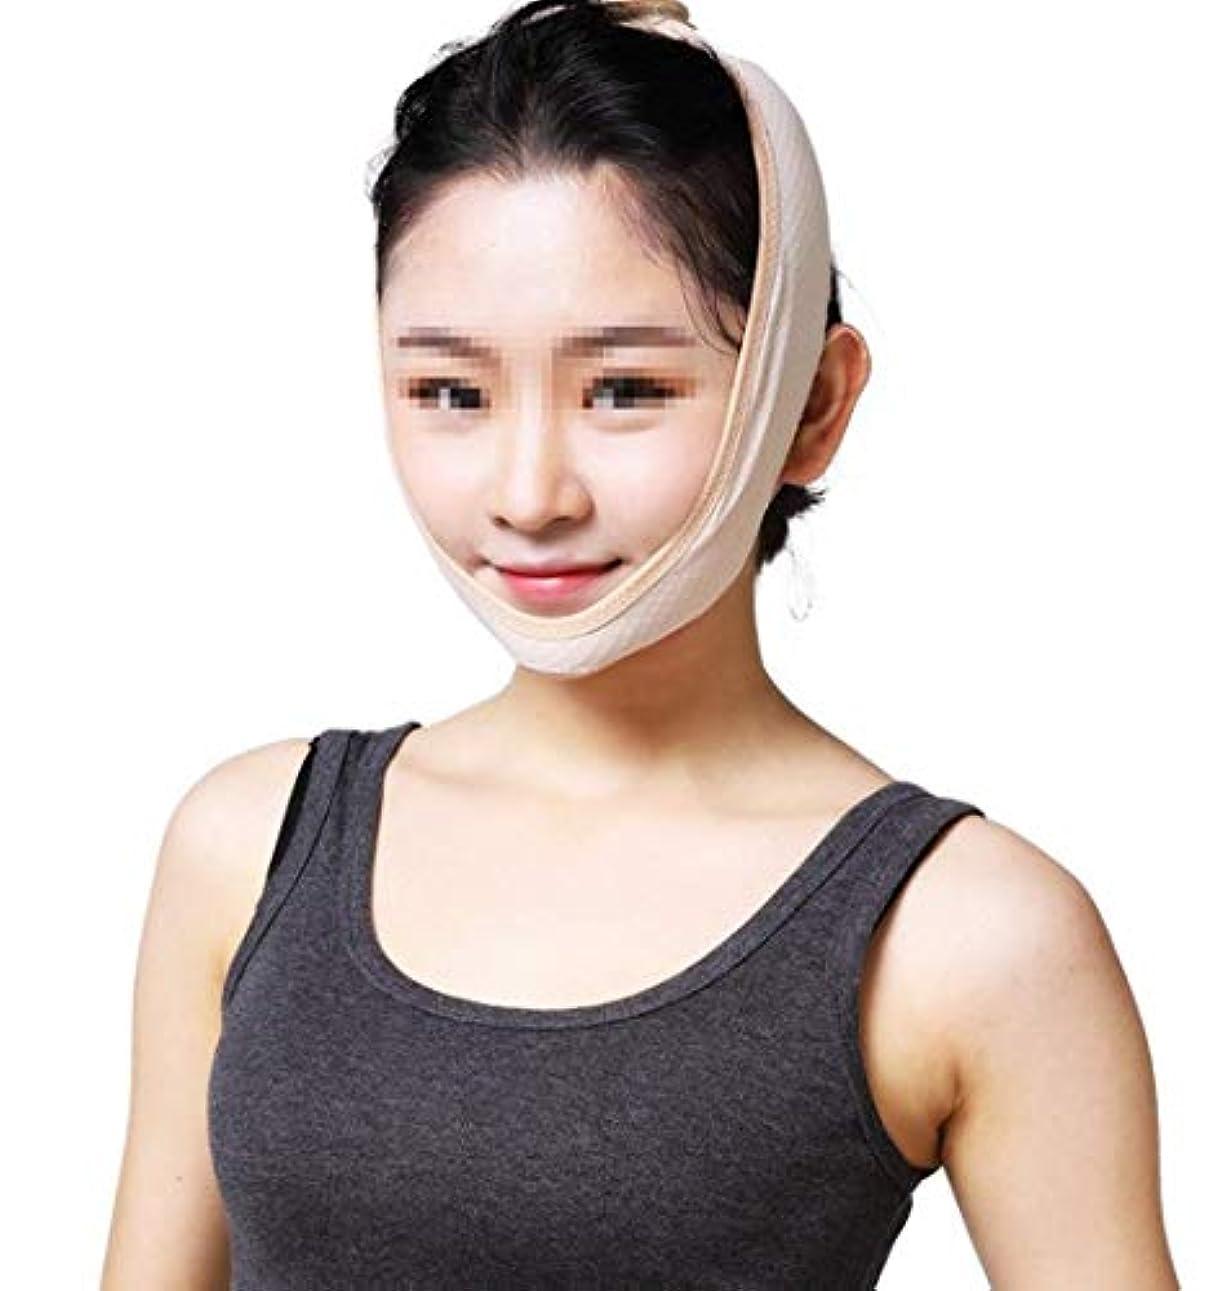 コーン子豚文献顔を持ち上げる包帯、口を開けて眠るのを防ぐための女性の通気性のいびきベルトいびきアーティファクトアンチあごの脱臼の修正包帯のいびき装置